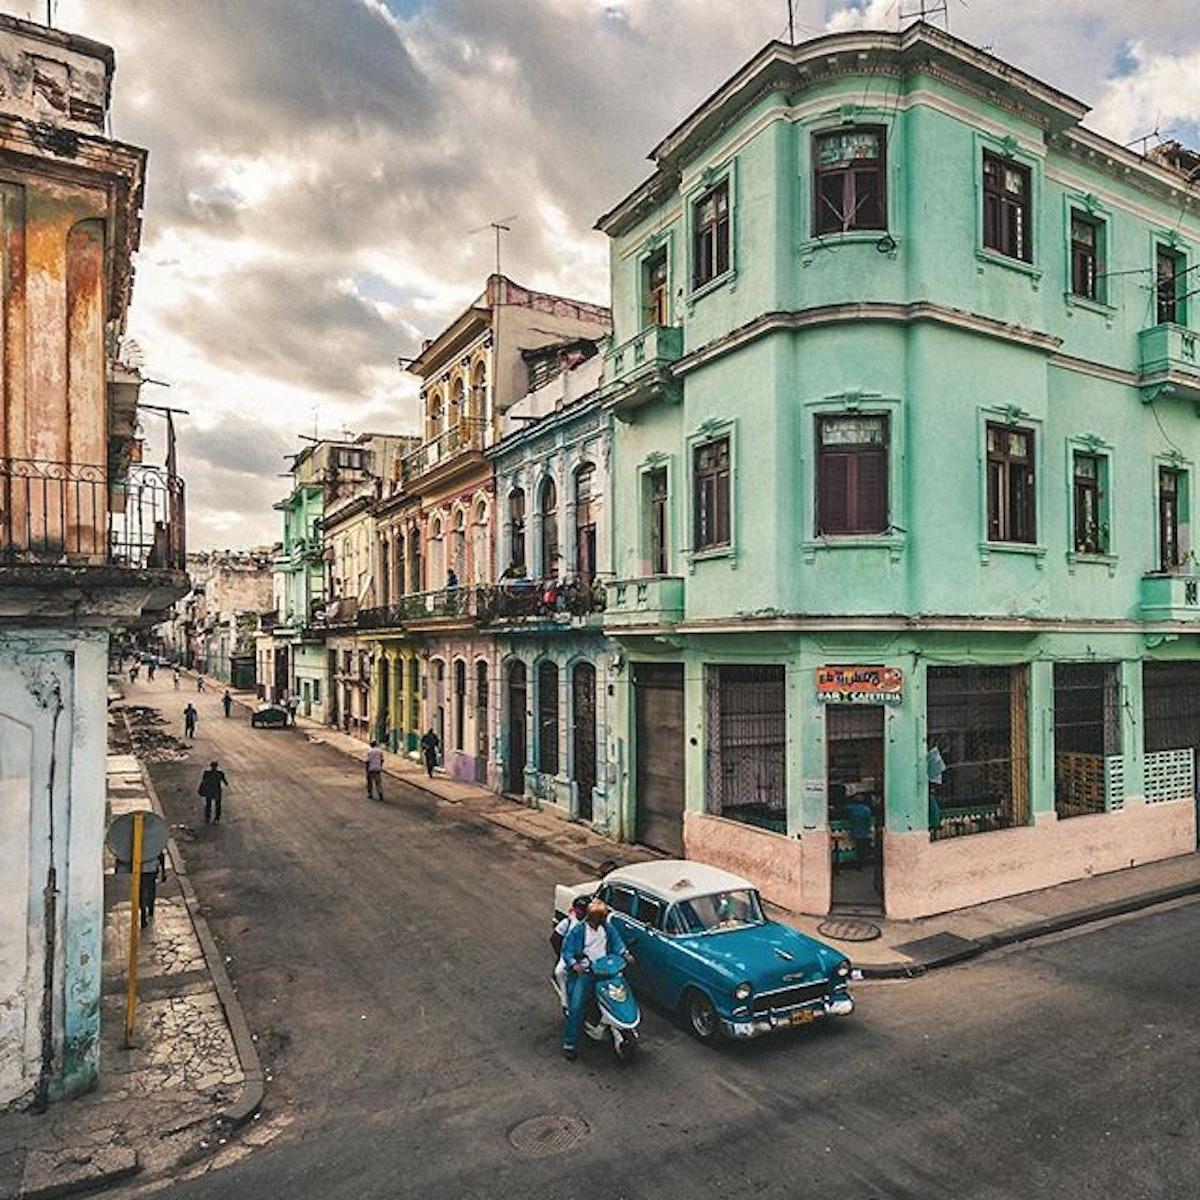 Havana Cuba instagram